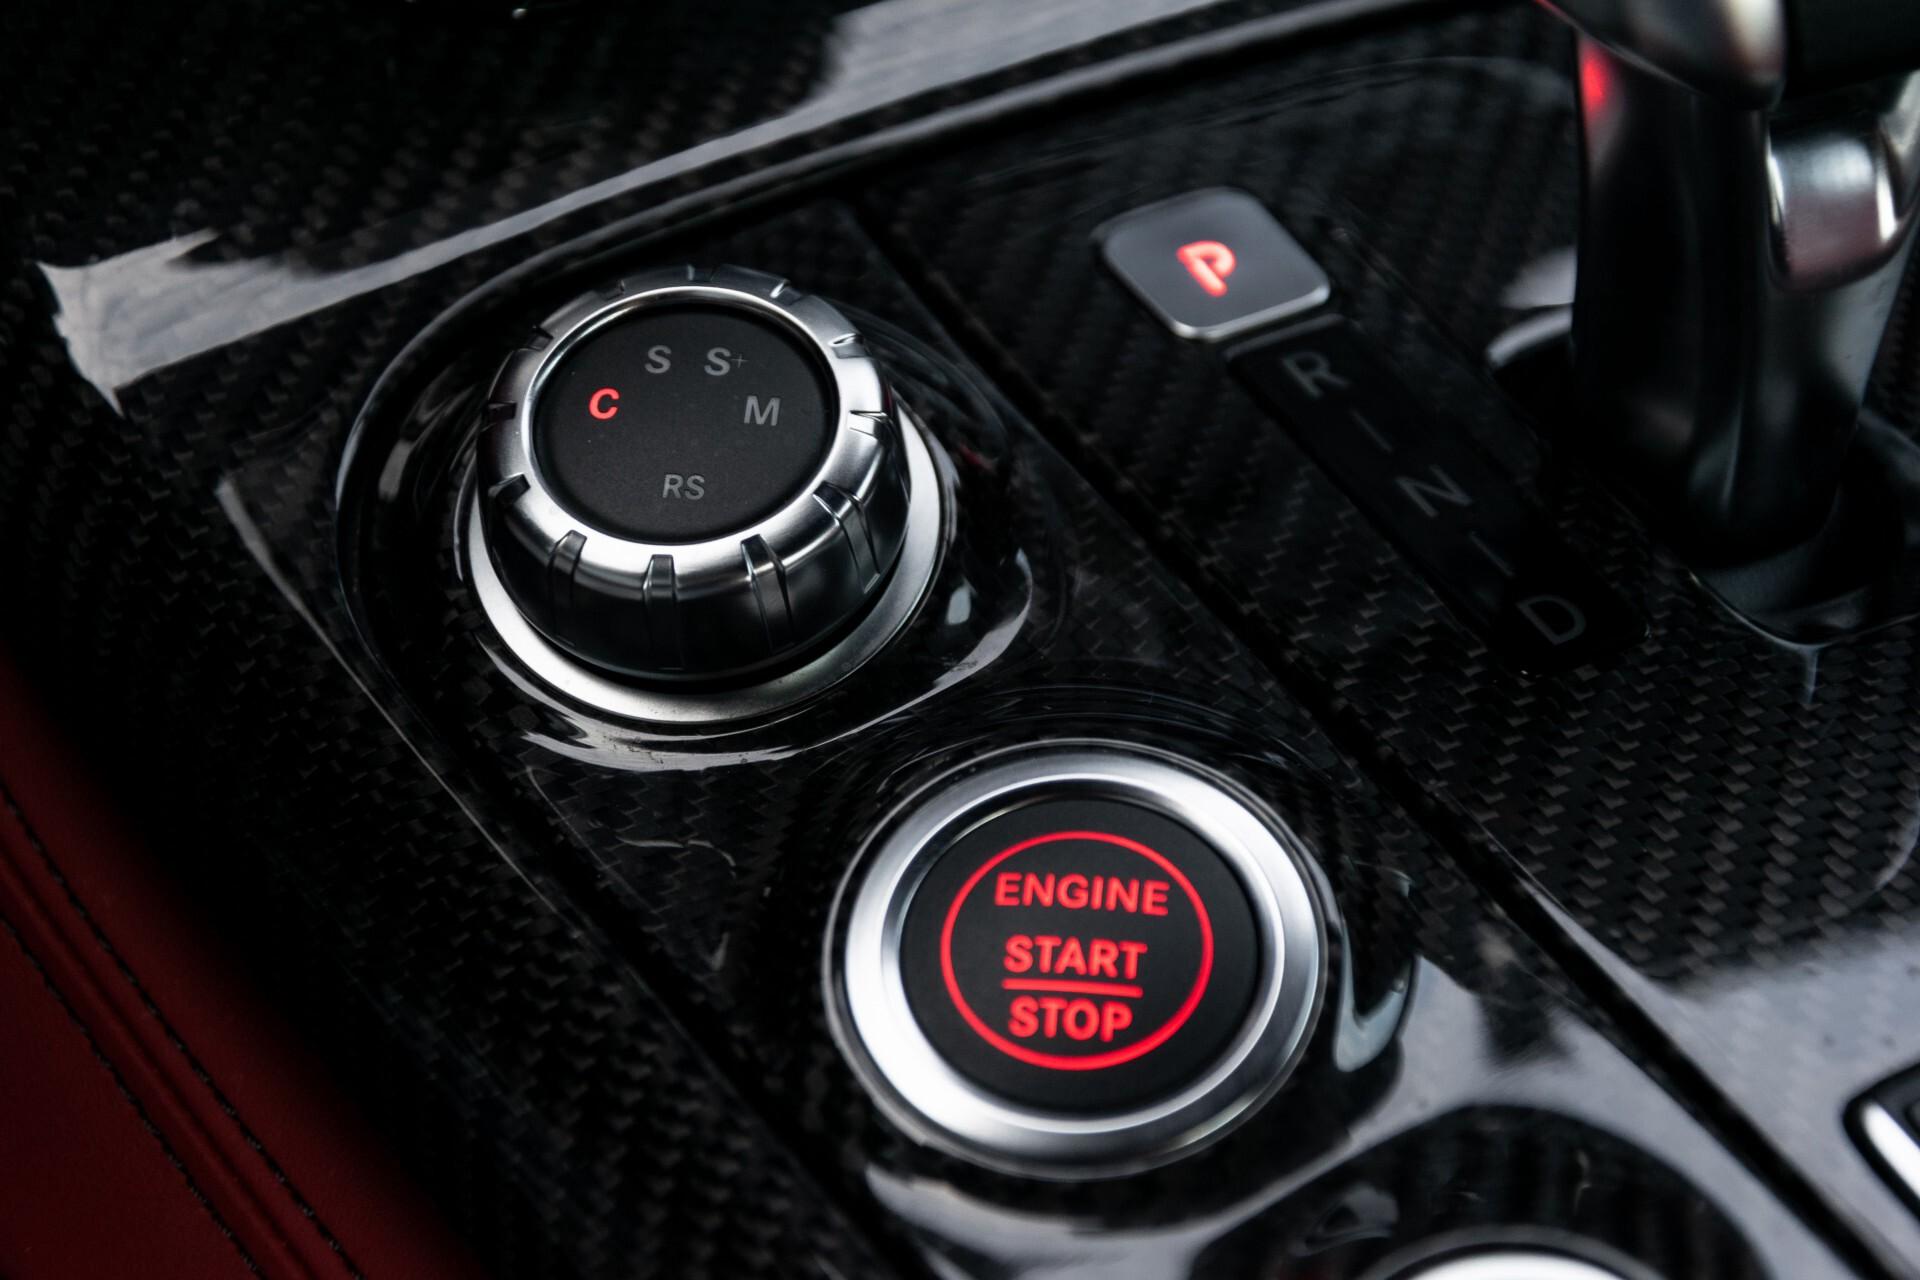 Mercedes-Benz SLS Coupé 6.3 AMG 1ste eigenaar/NL Auto FULL OPTIONS Aut7 Foto 34